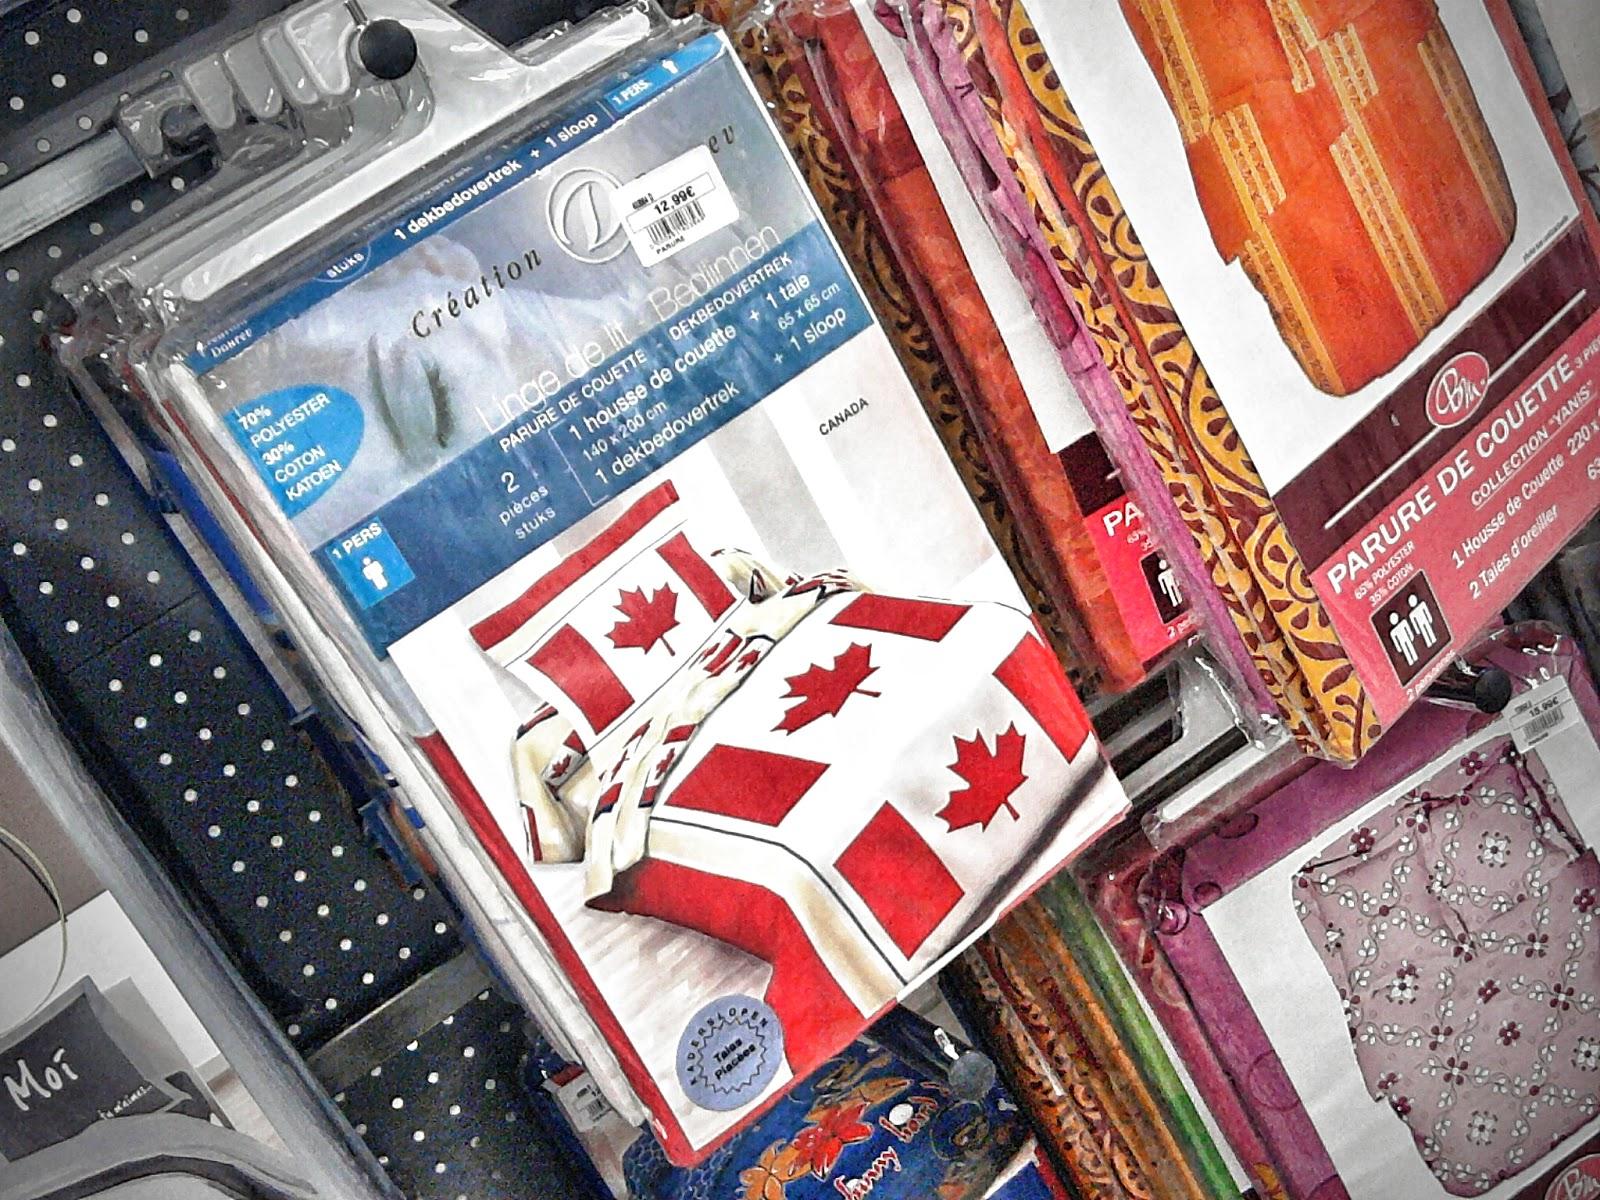 quoi une couette drapeau du canada swing la bacaisse dans l 39 fond d 39 la bo te bois. Black Bedroom Furniture Sets. Home Design Ideas